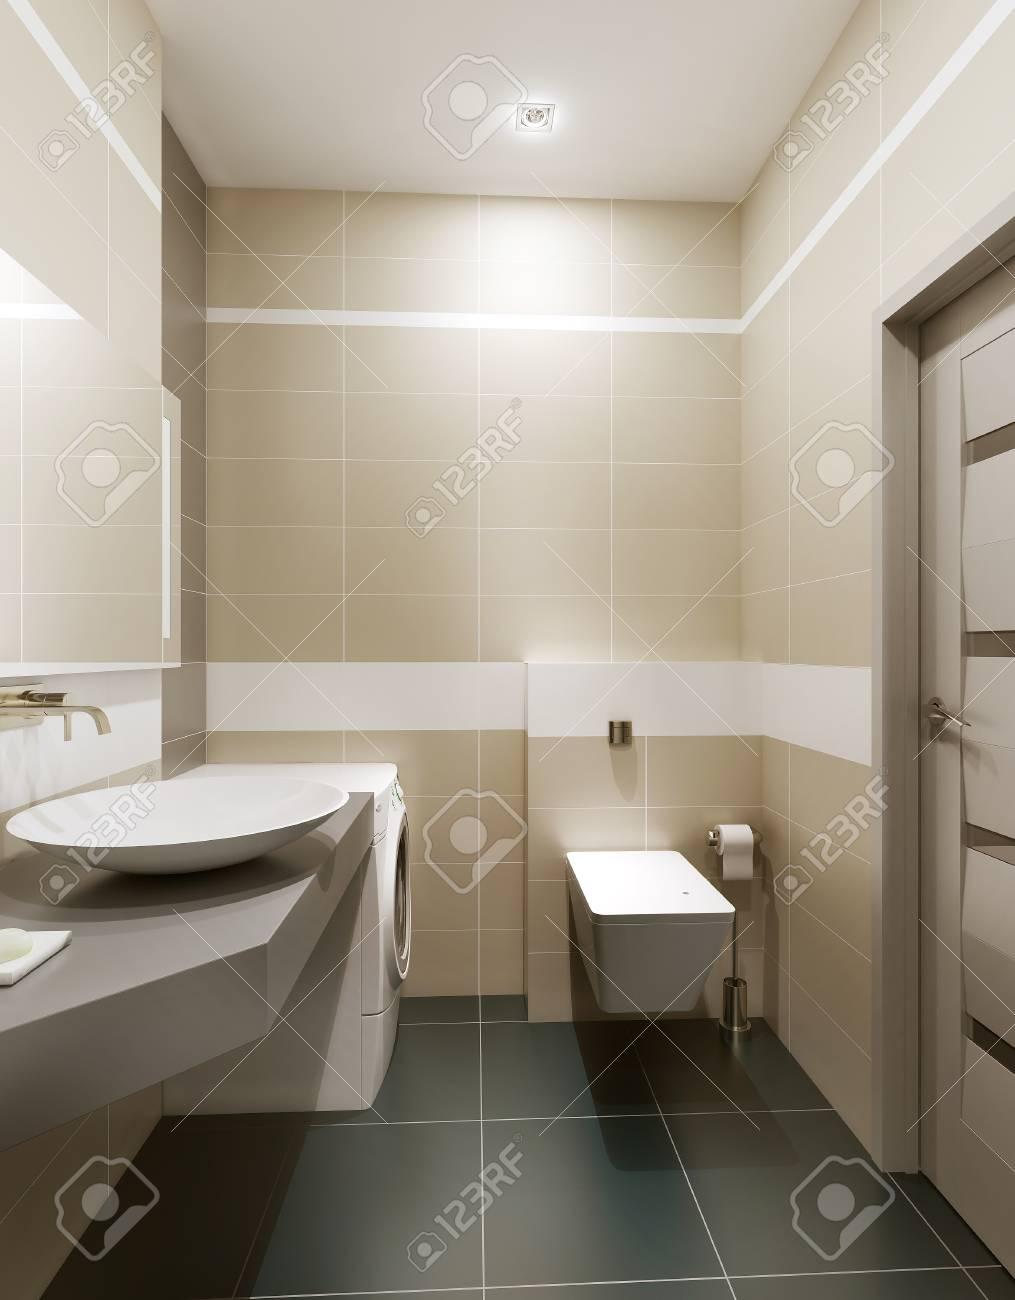 Cuarto De Baño De Estilo Moderno. Imágenes 3d Fotos, Retratos ...